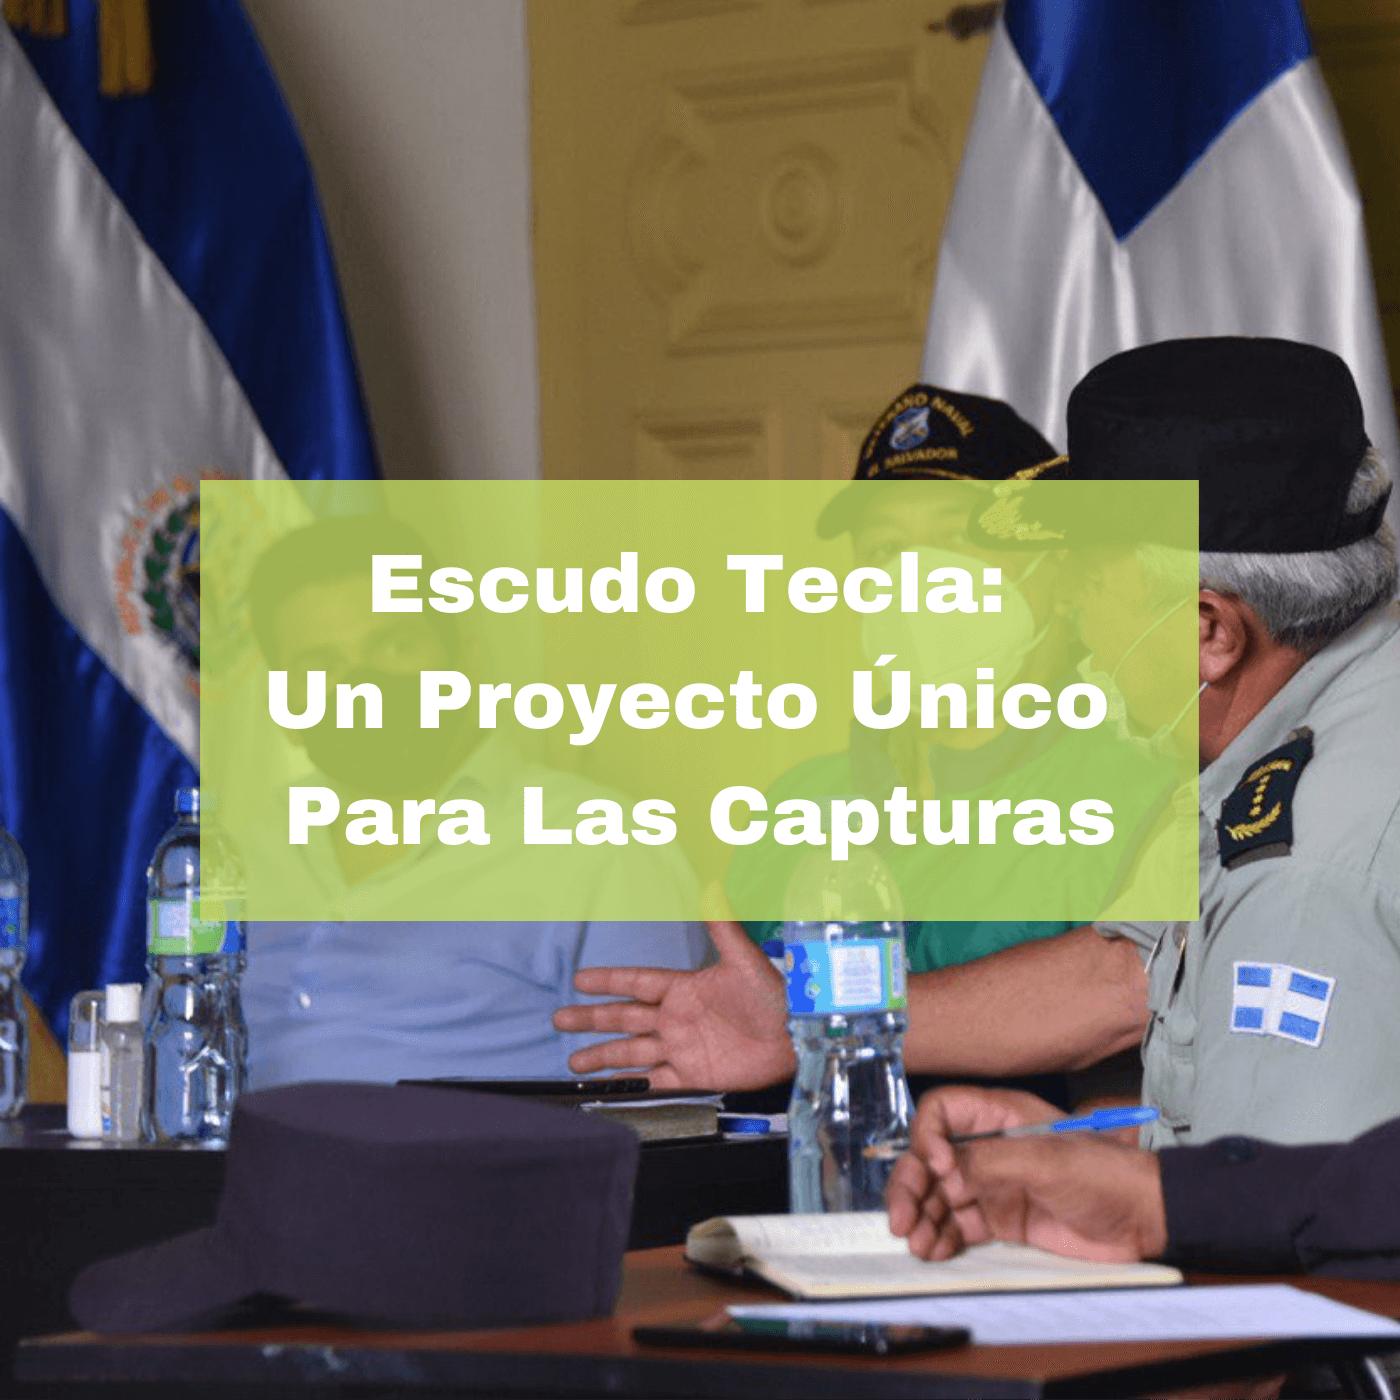 Escudo Tecla Un Proyecto Único Para Las Capturas. Foto Portada. Infografía. Roberto d'Aubuisson. 2020